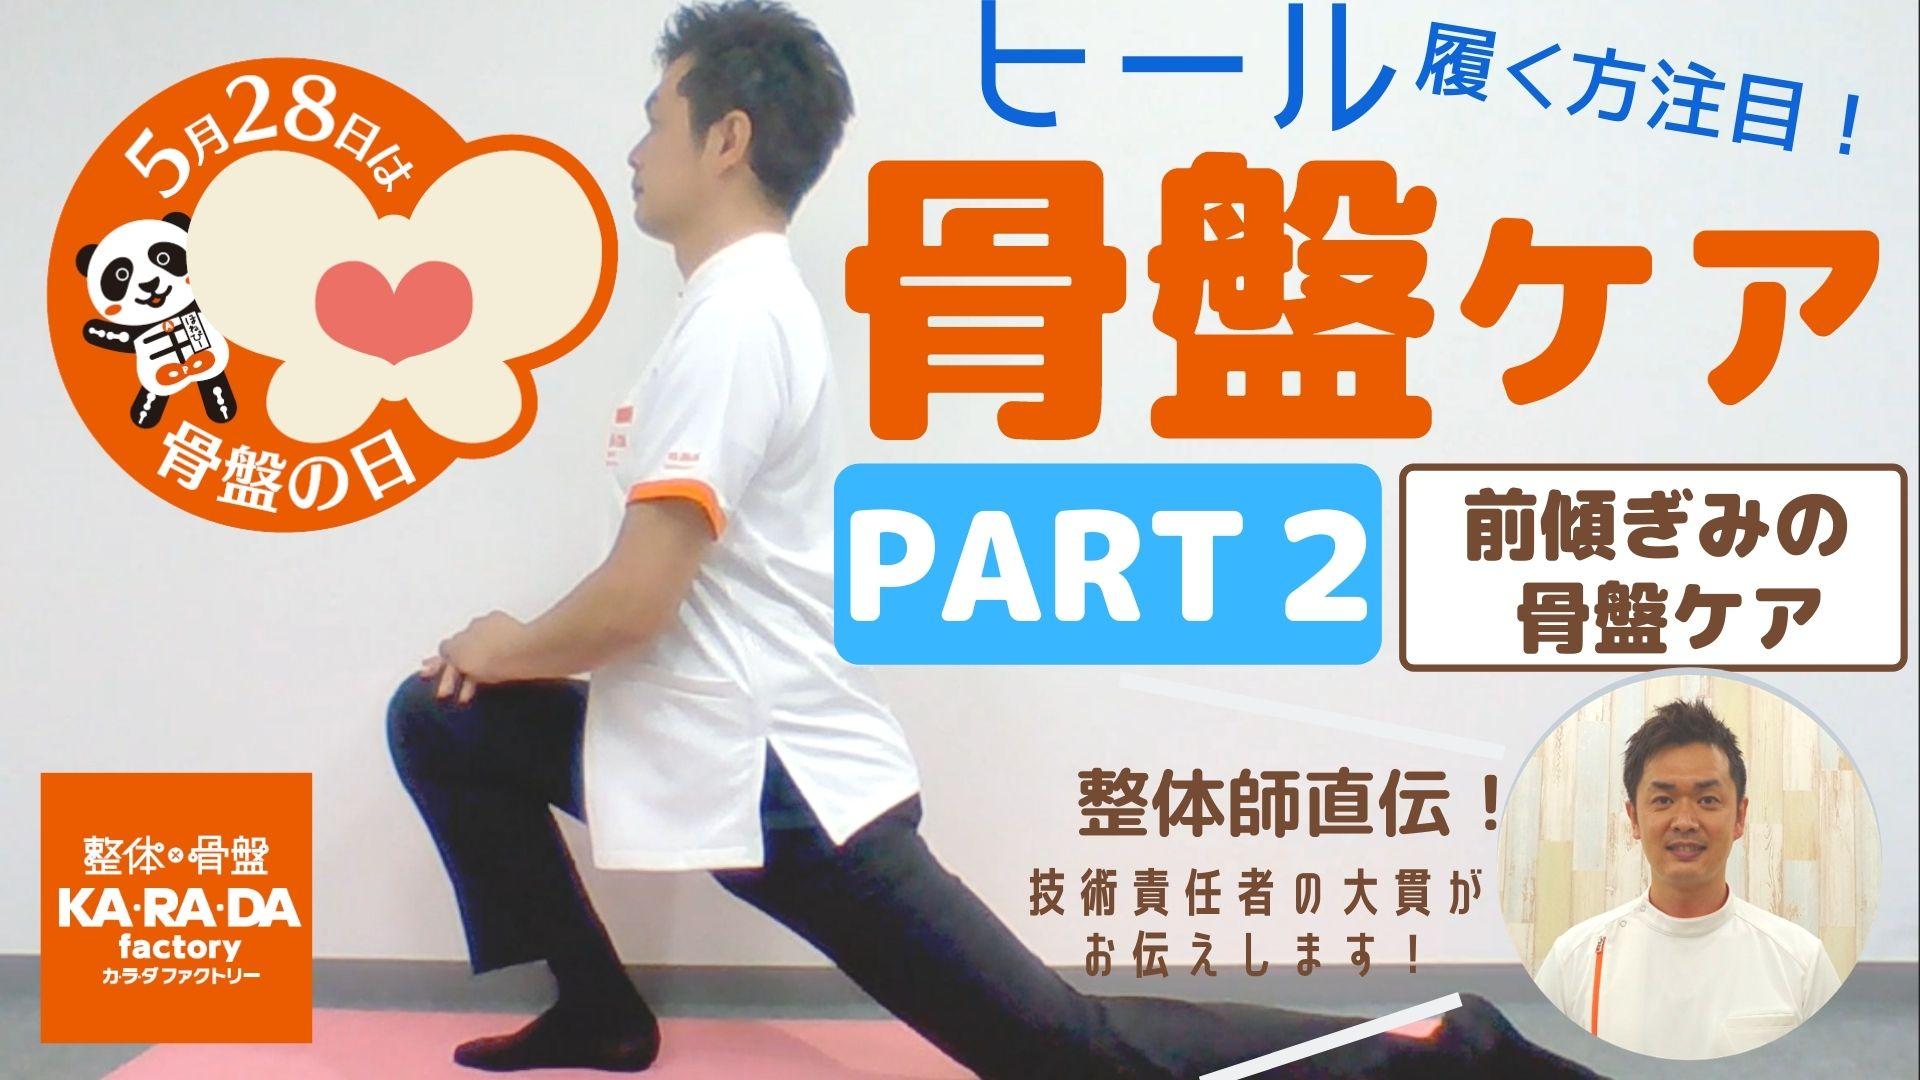 【整体師直伝!】5月28日は骨盤の日 ~PART2 ヒールを履く方注目!前傾ぎみの骨盤ケア~